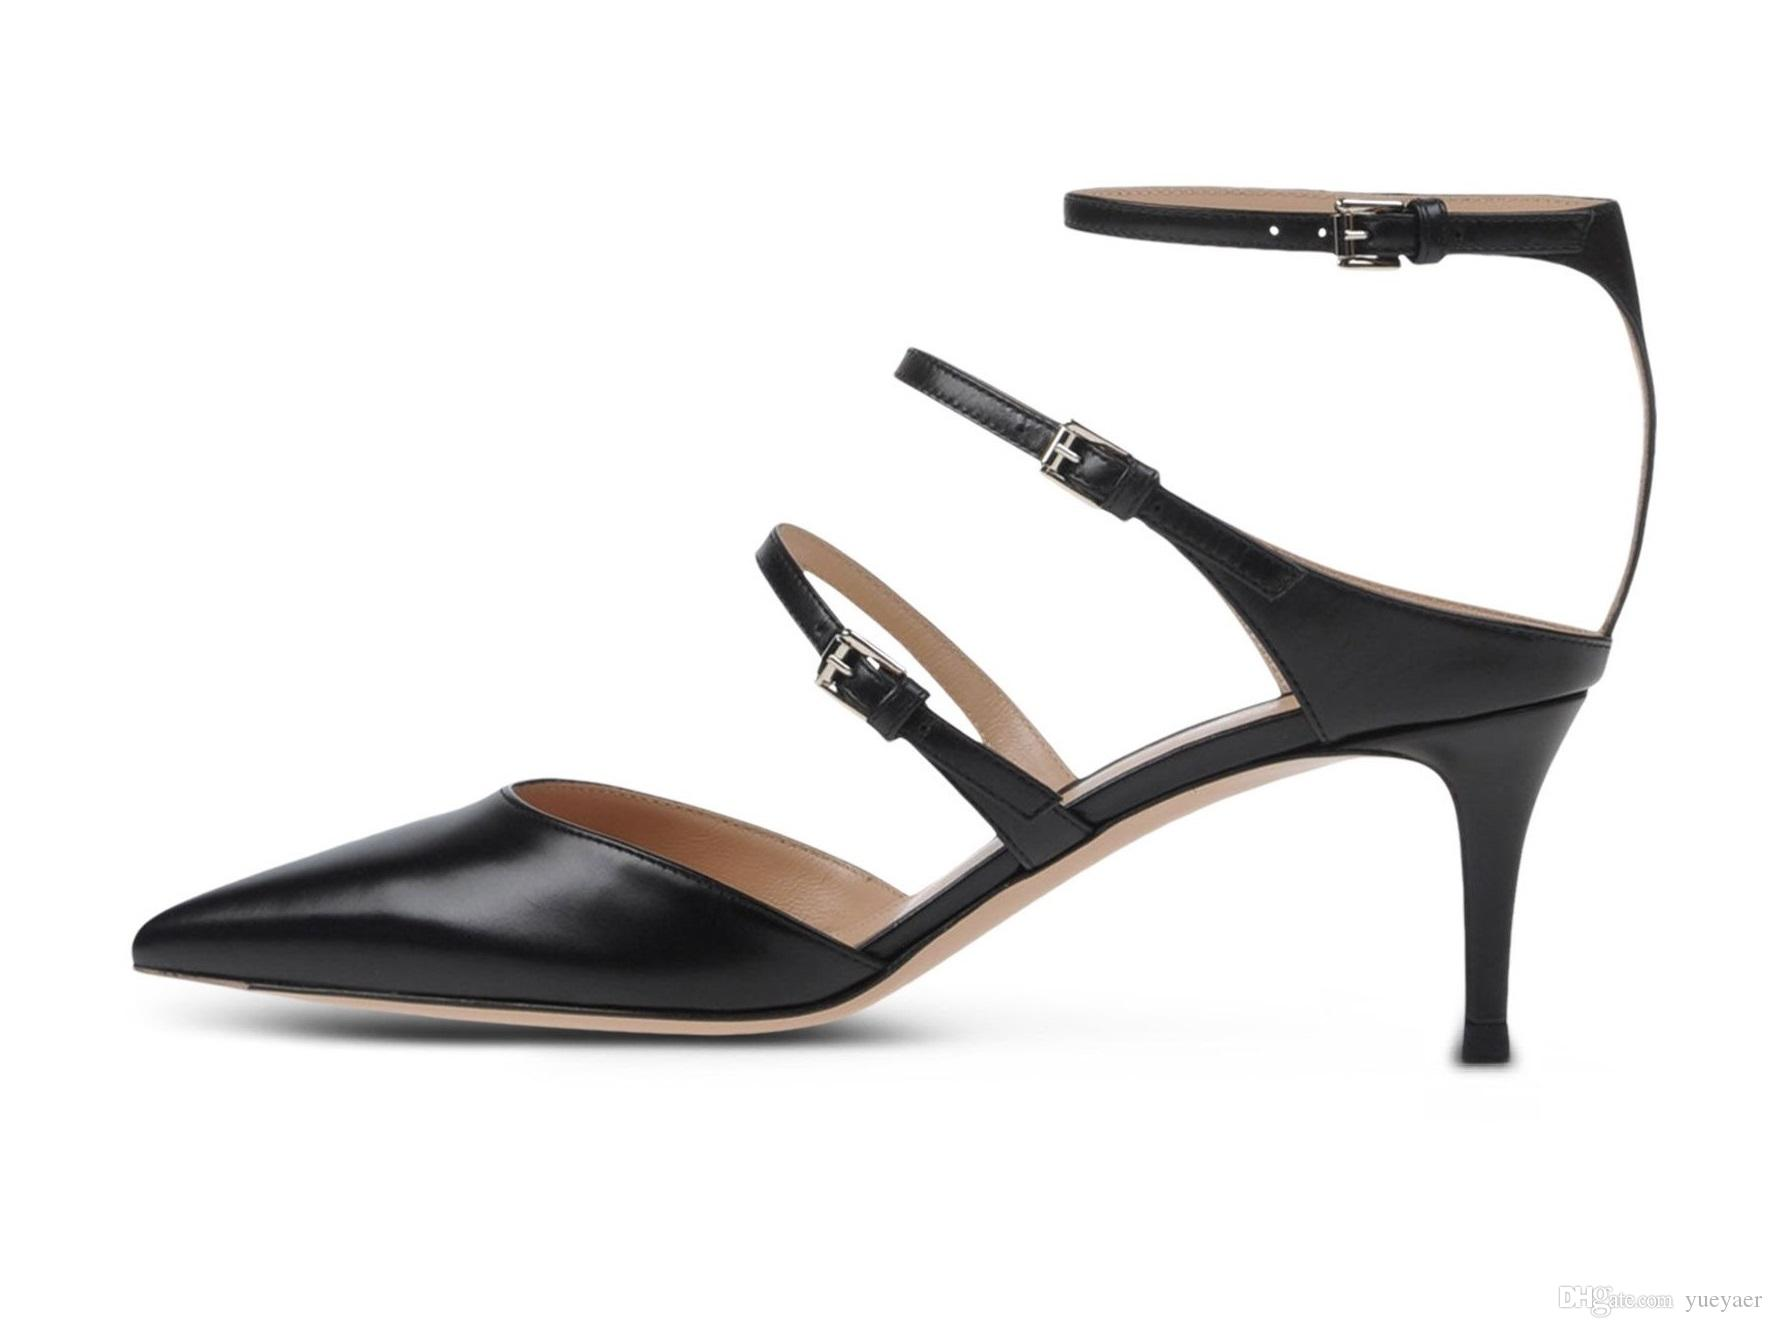 Zandina Femmes Dames À La Main De Mode 6,5 cm À Talons Sandales À Bout Bout Pointu Trois Boucles De Soirée Stiletto Chaussures